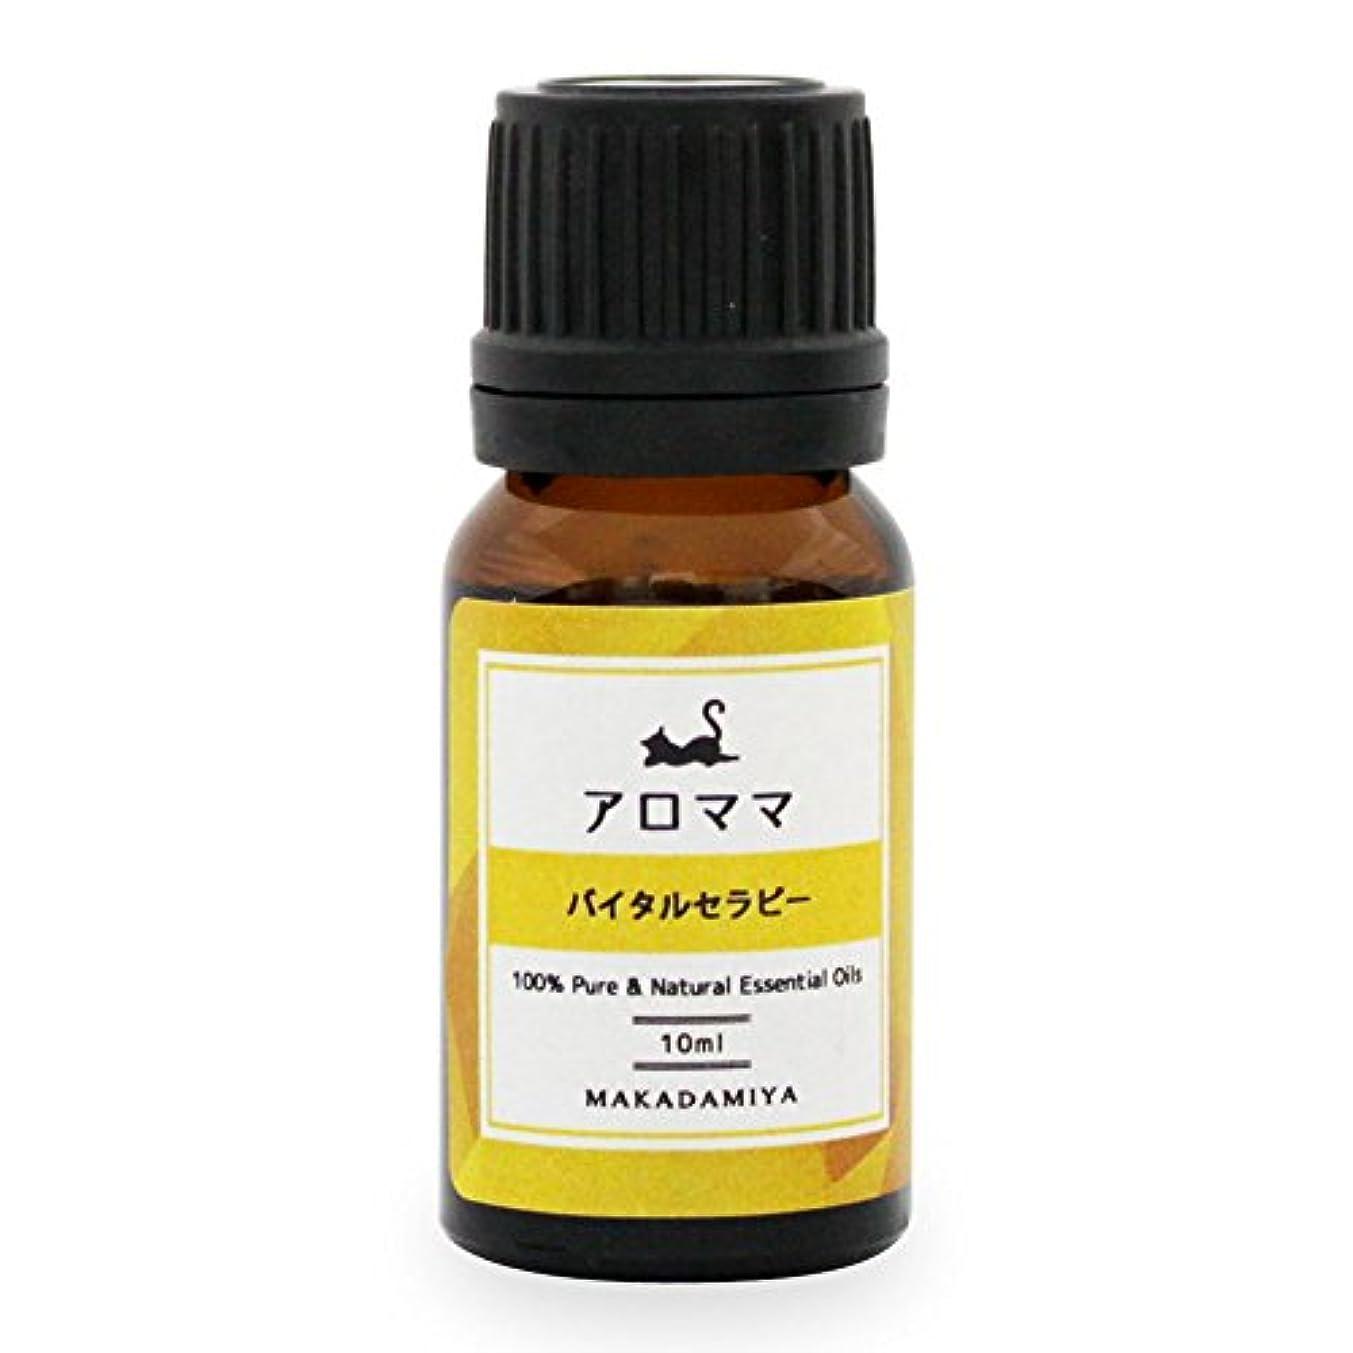 妊活用アロマ10ml 妊活中の女性の為に特別な香りで癒す。 アロママ